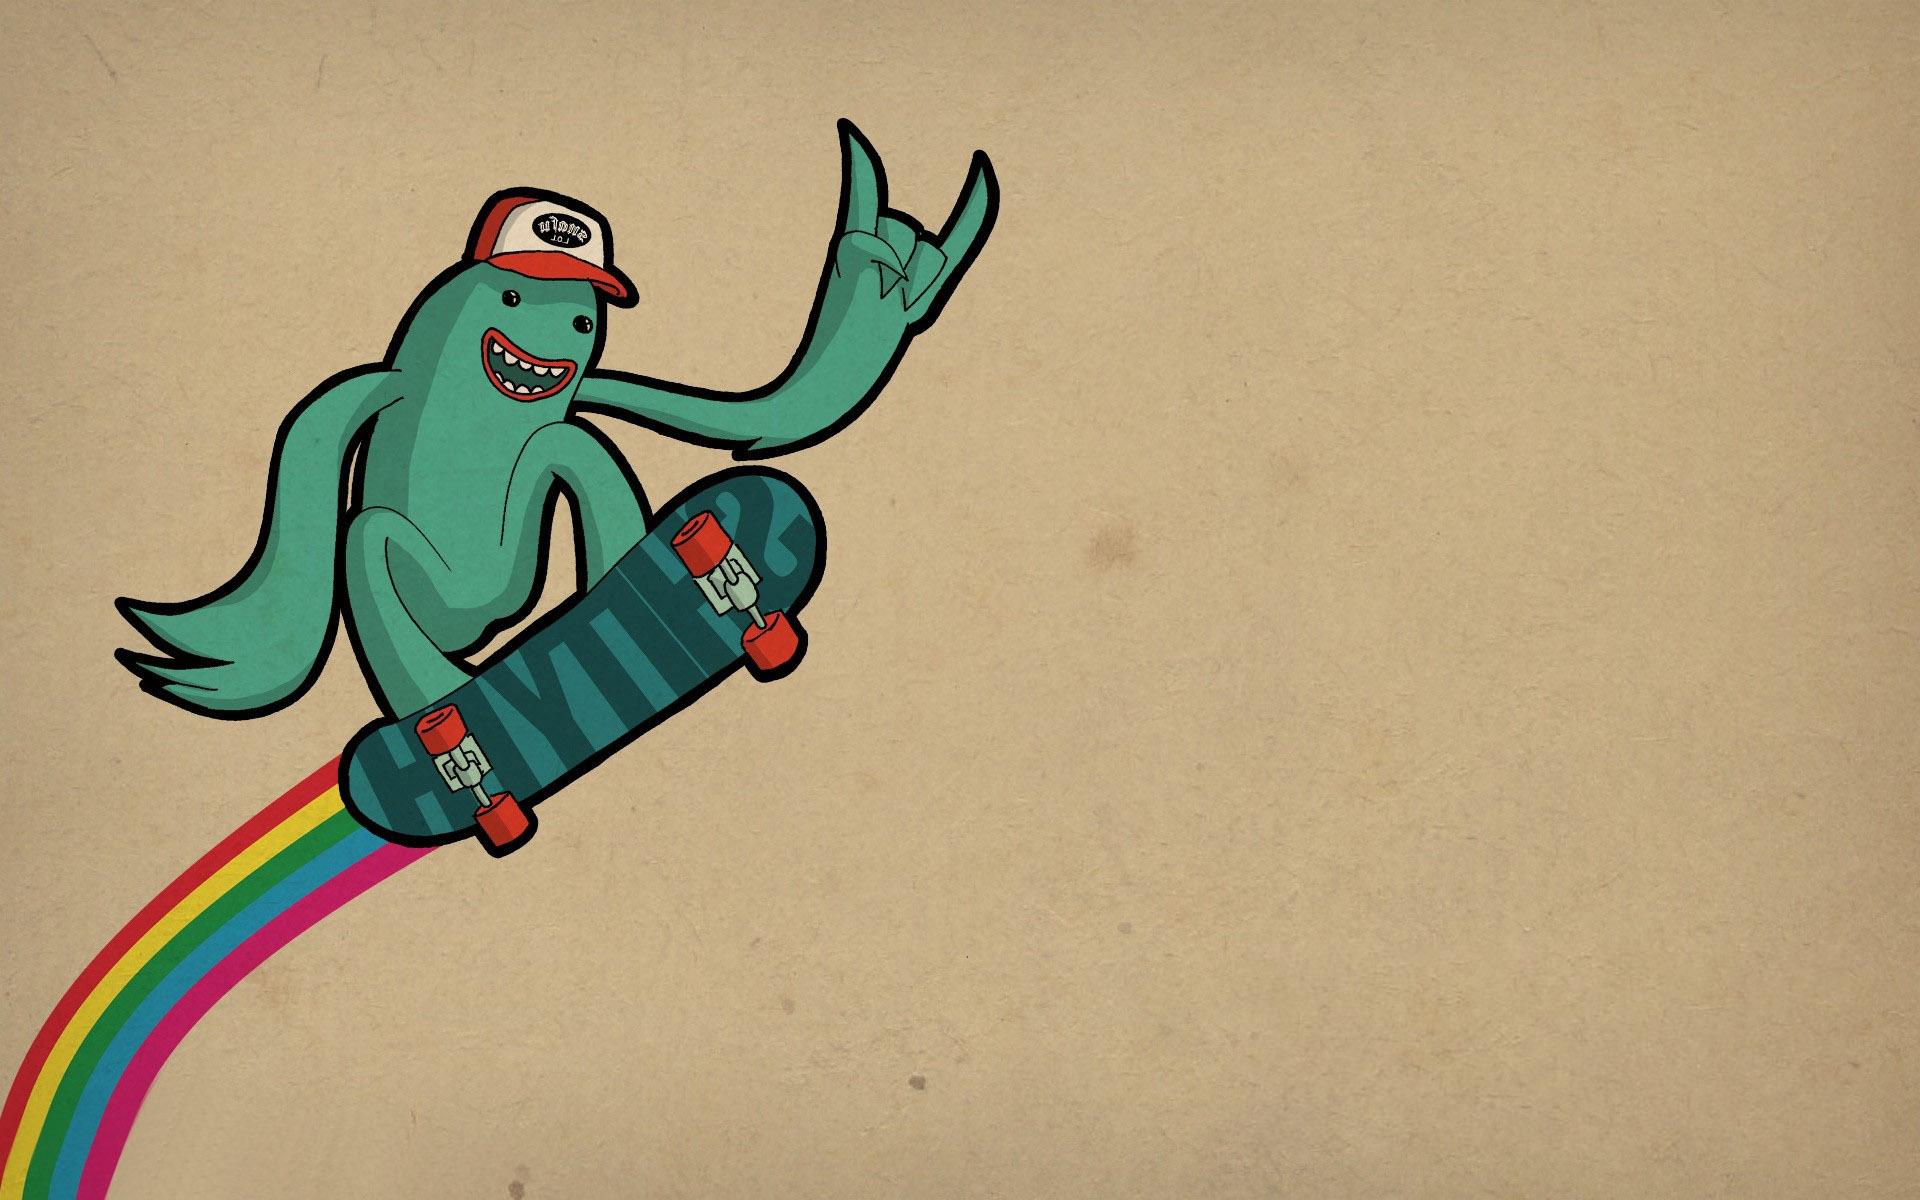 Skateboarding frog wallpaper 11857 1920x1200